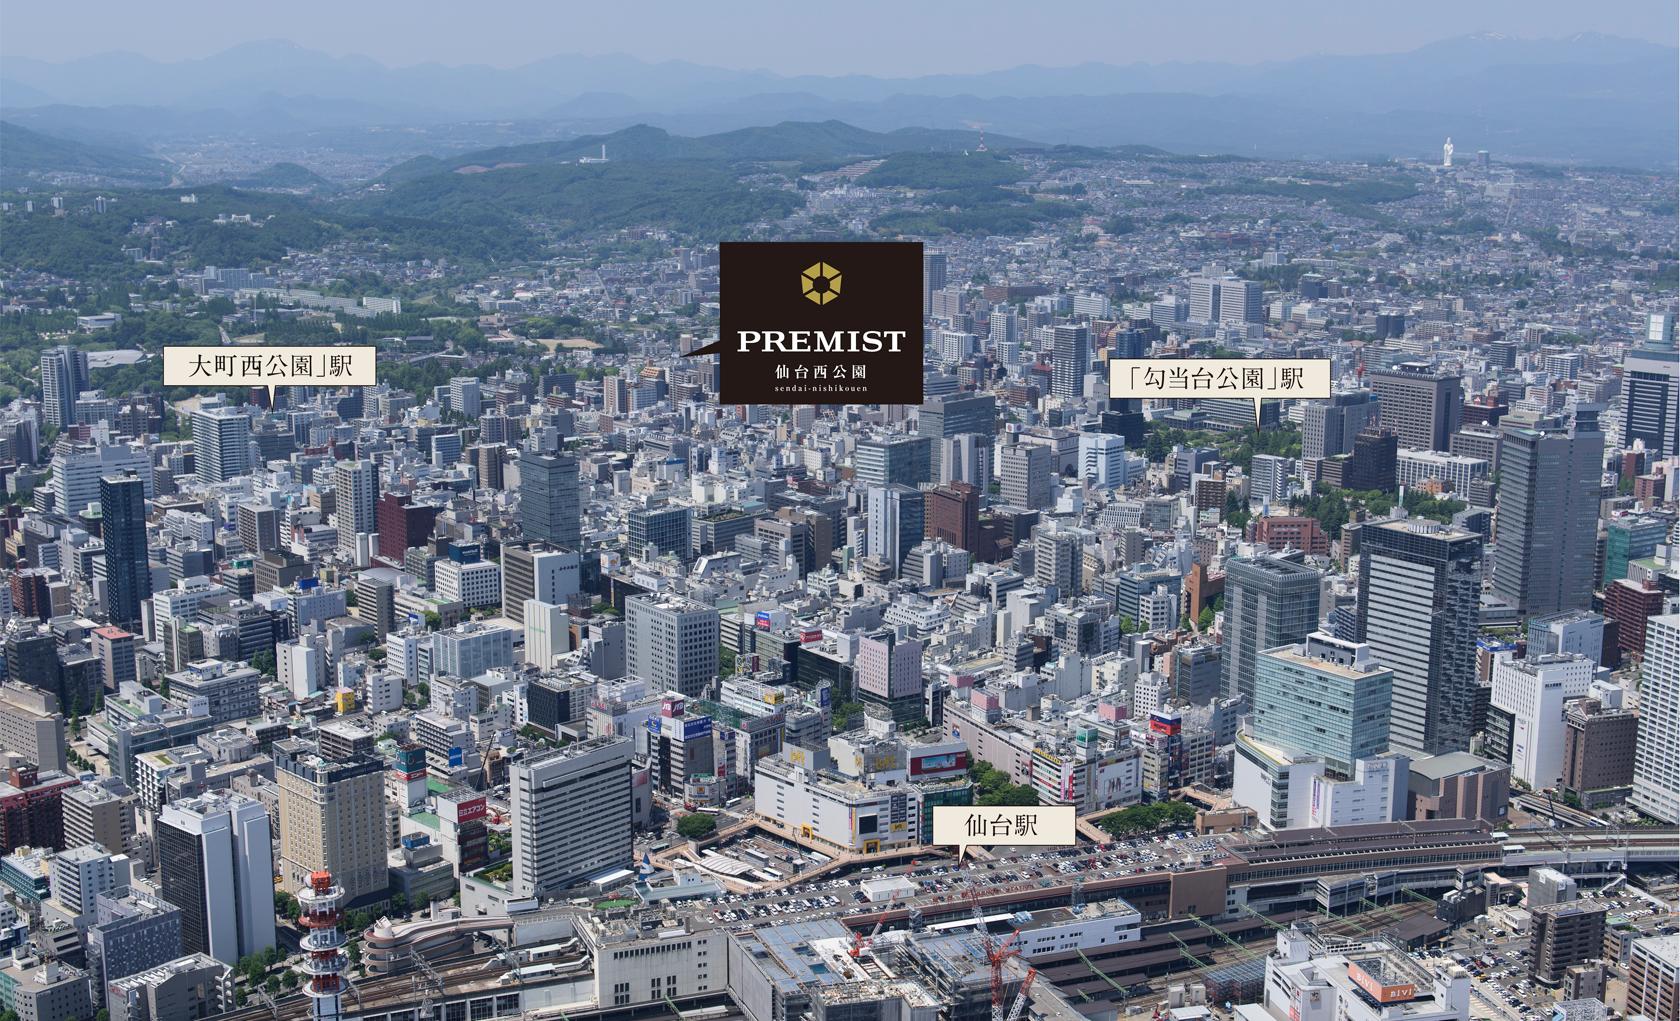 プレミスト仙台西公園 (中心部から眺める青葉山の大自然パノラマビュー!!! と、建物が織りなすオーケストラ物件) 【トミー】